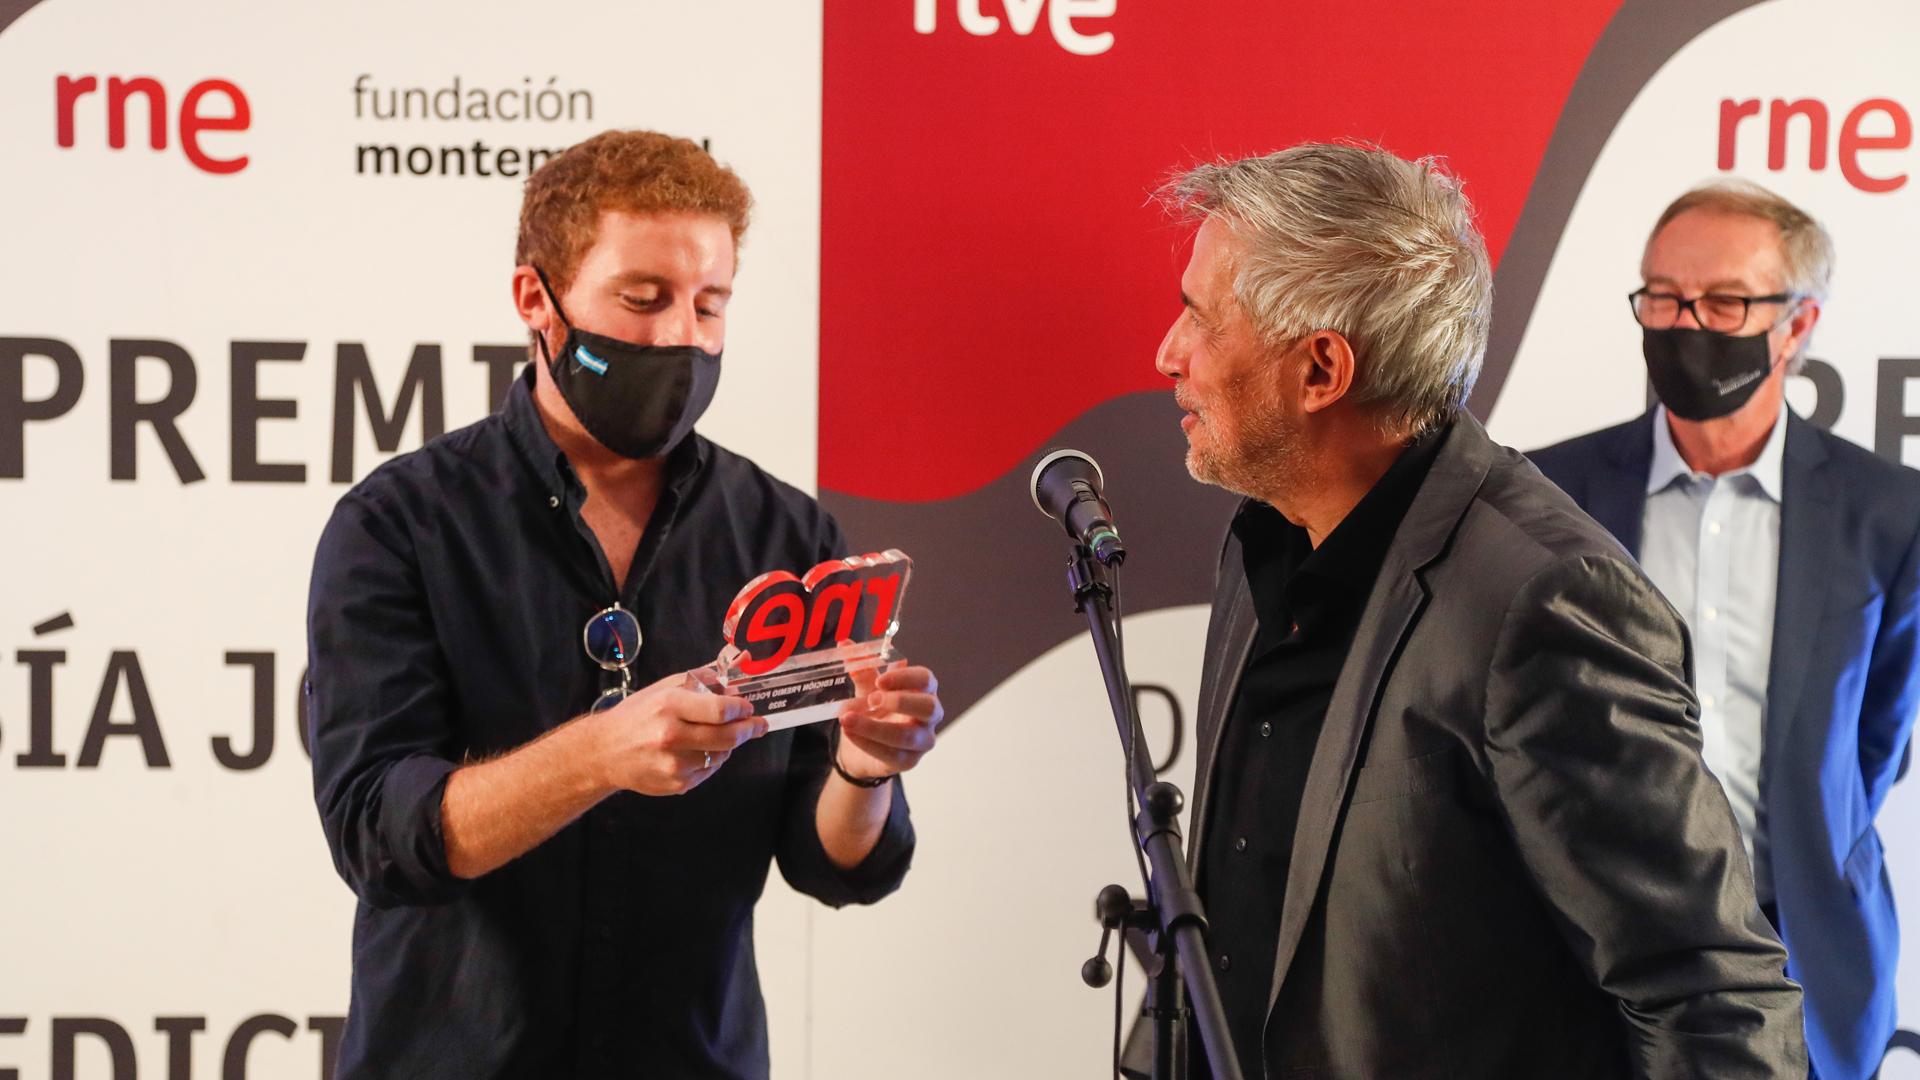 Ir al VideoEspeciales RNE - Ceremonia de entrega del XII Premio de Poesía Joven RNE y Fundación Montemadrid